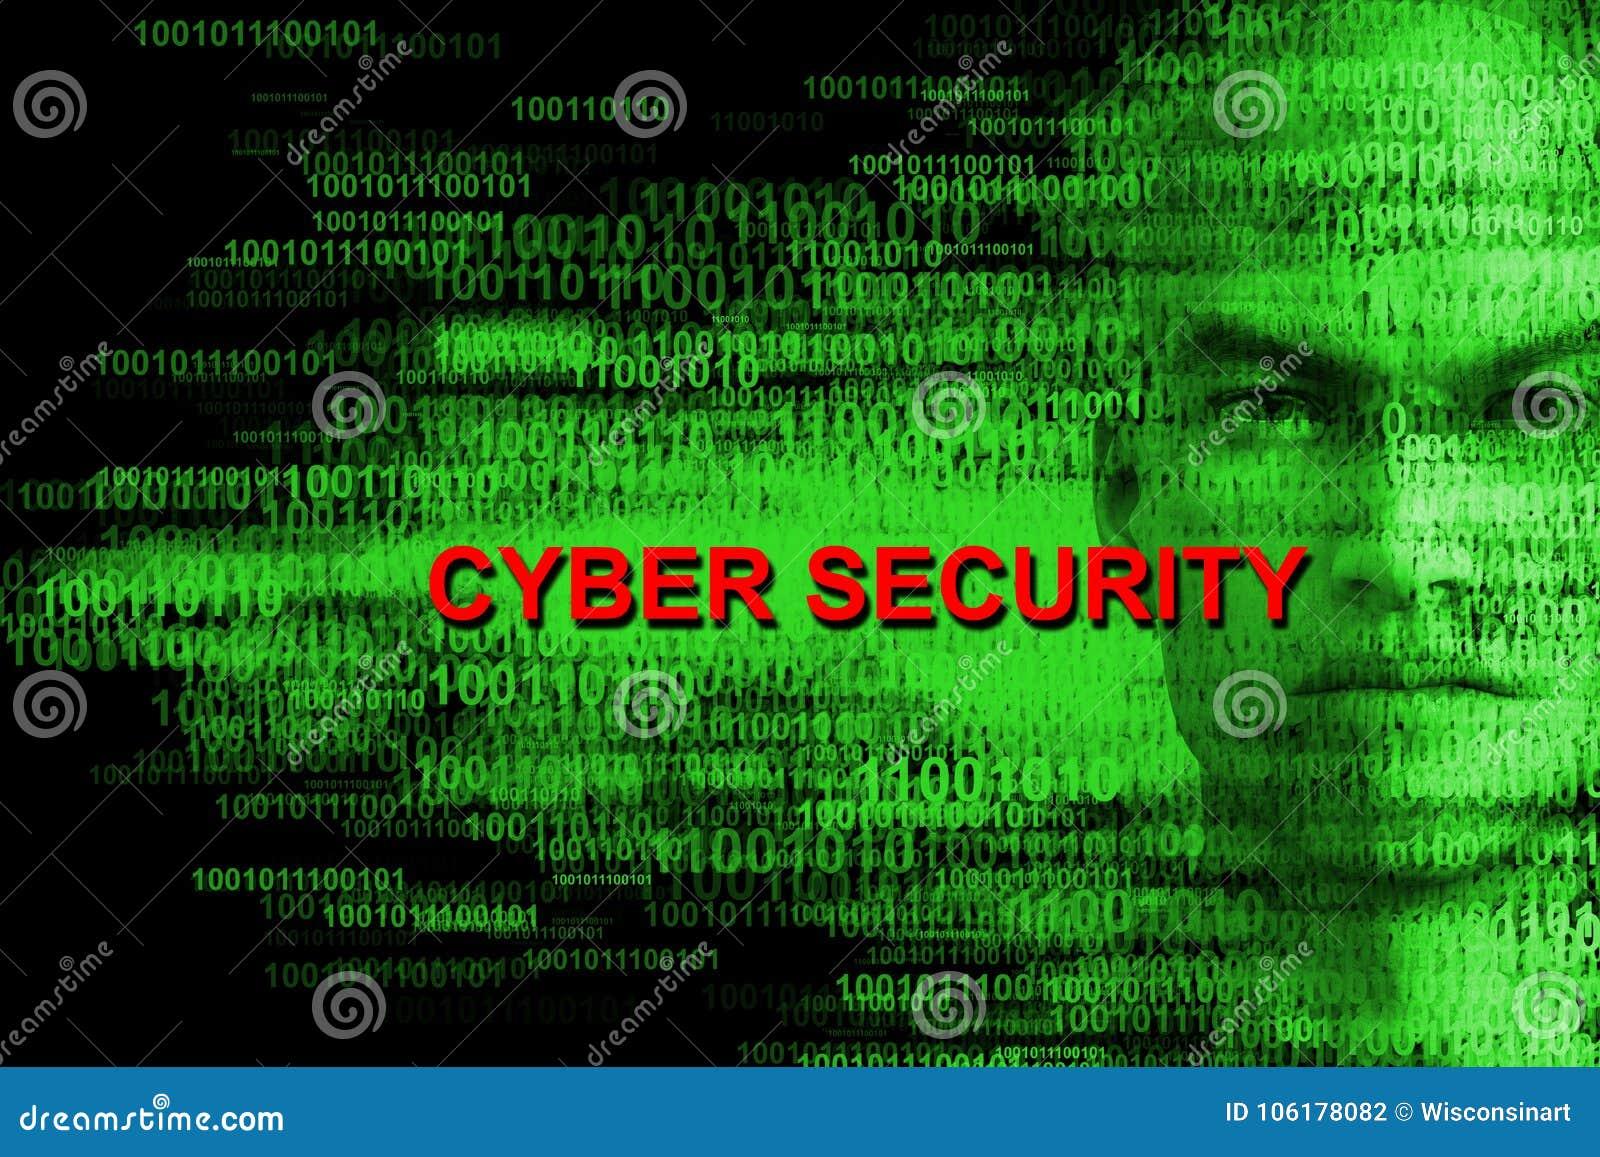 Seguridad cibernética, cortando, pirata informático, ordenadores